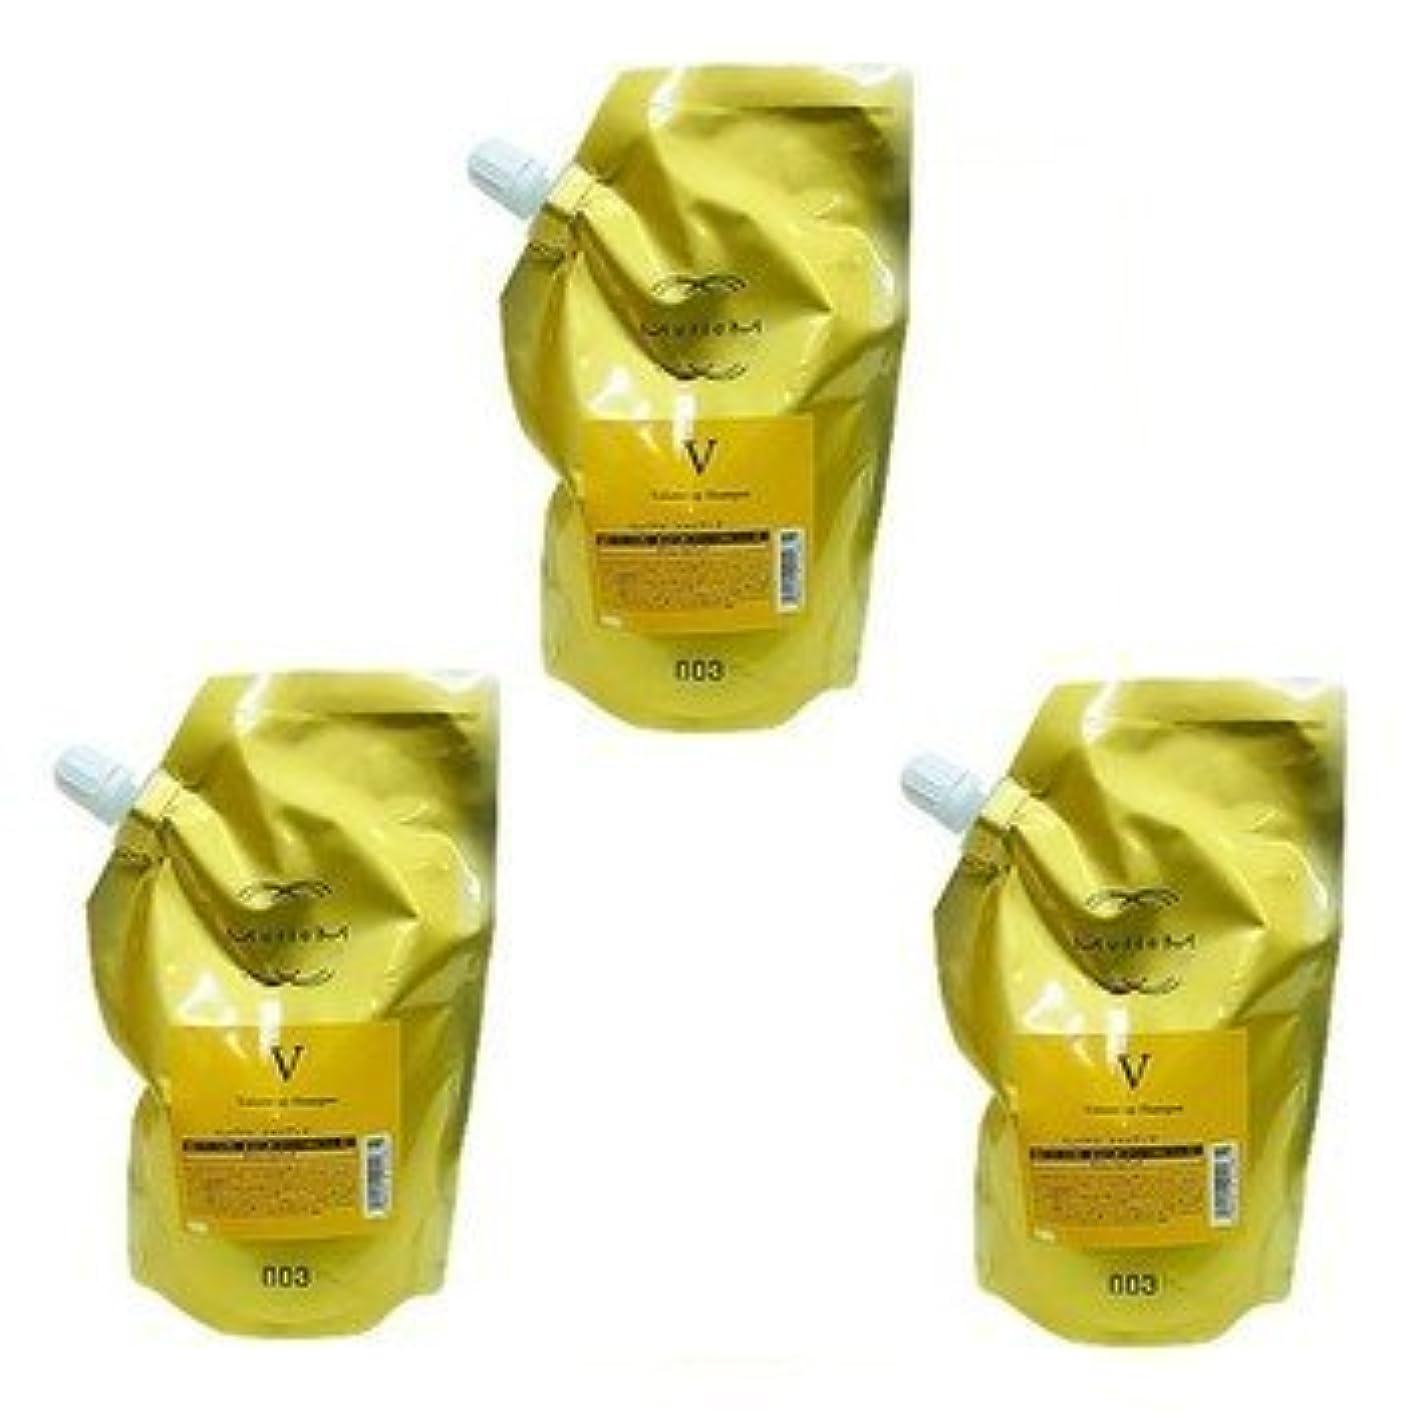 ズームインする拍手無【X3個セット】 ナンバースリー ミュリアム ゴールド シャンプー V 500ml 詰替え用